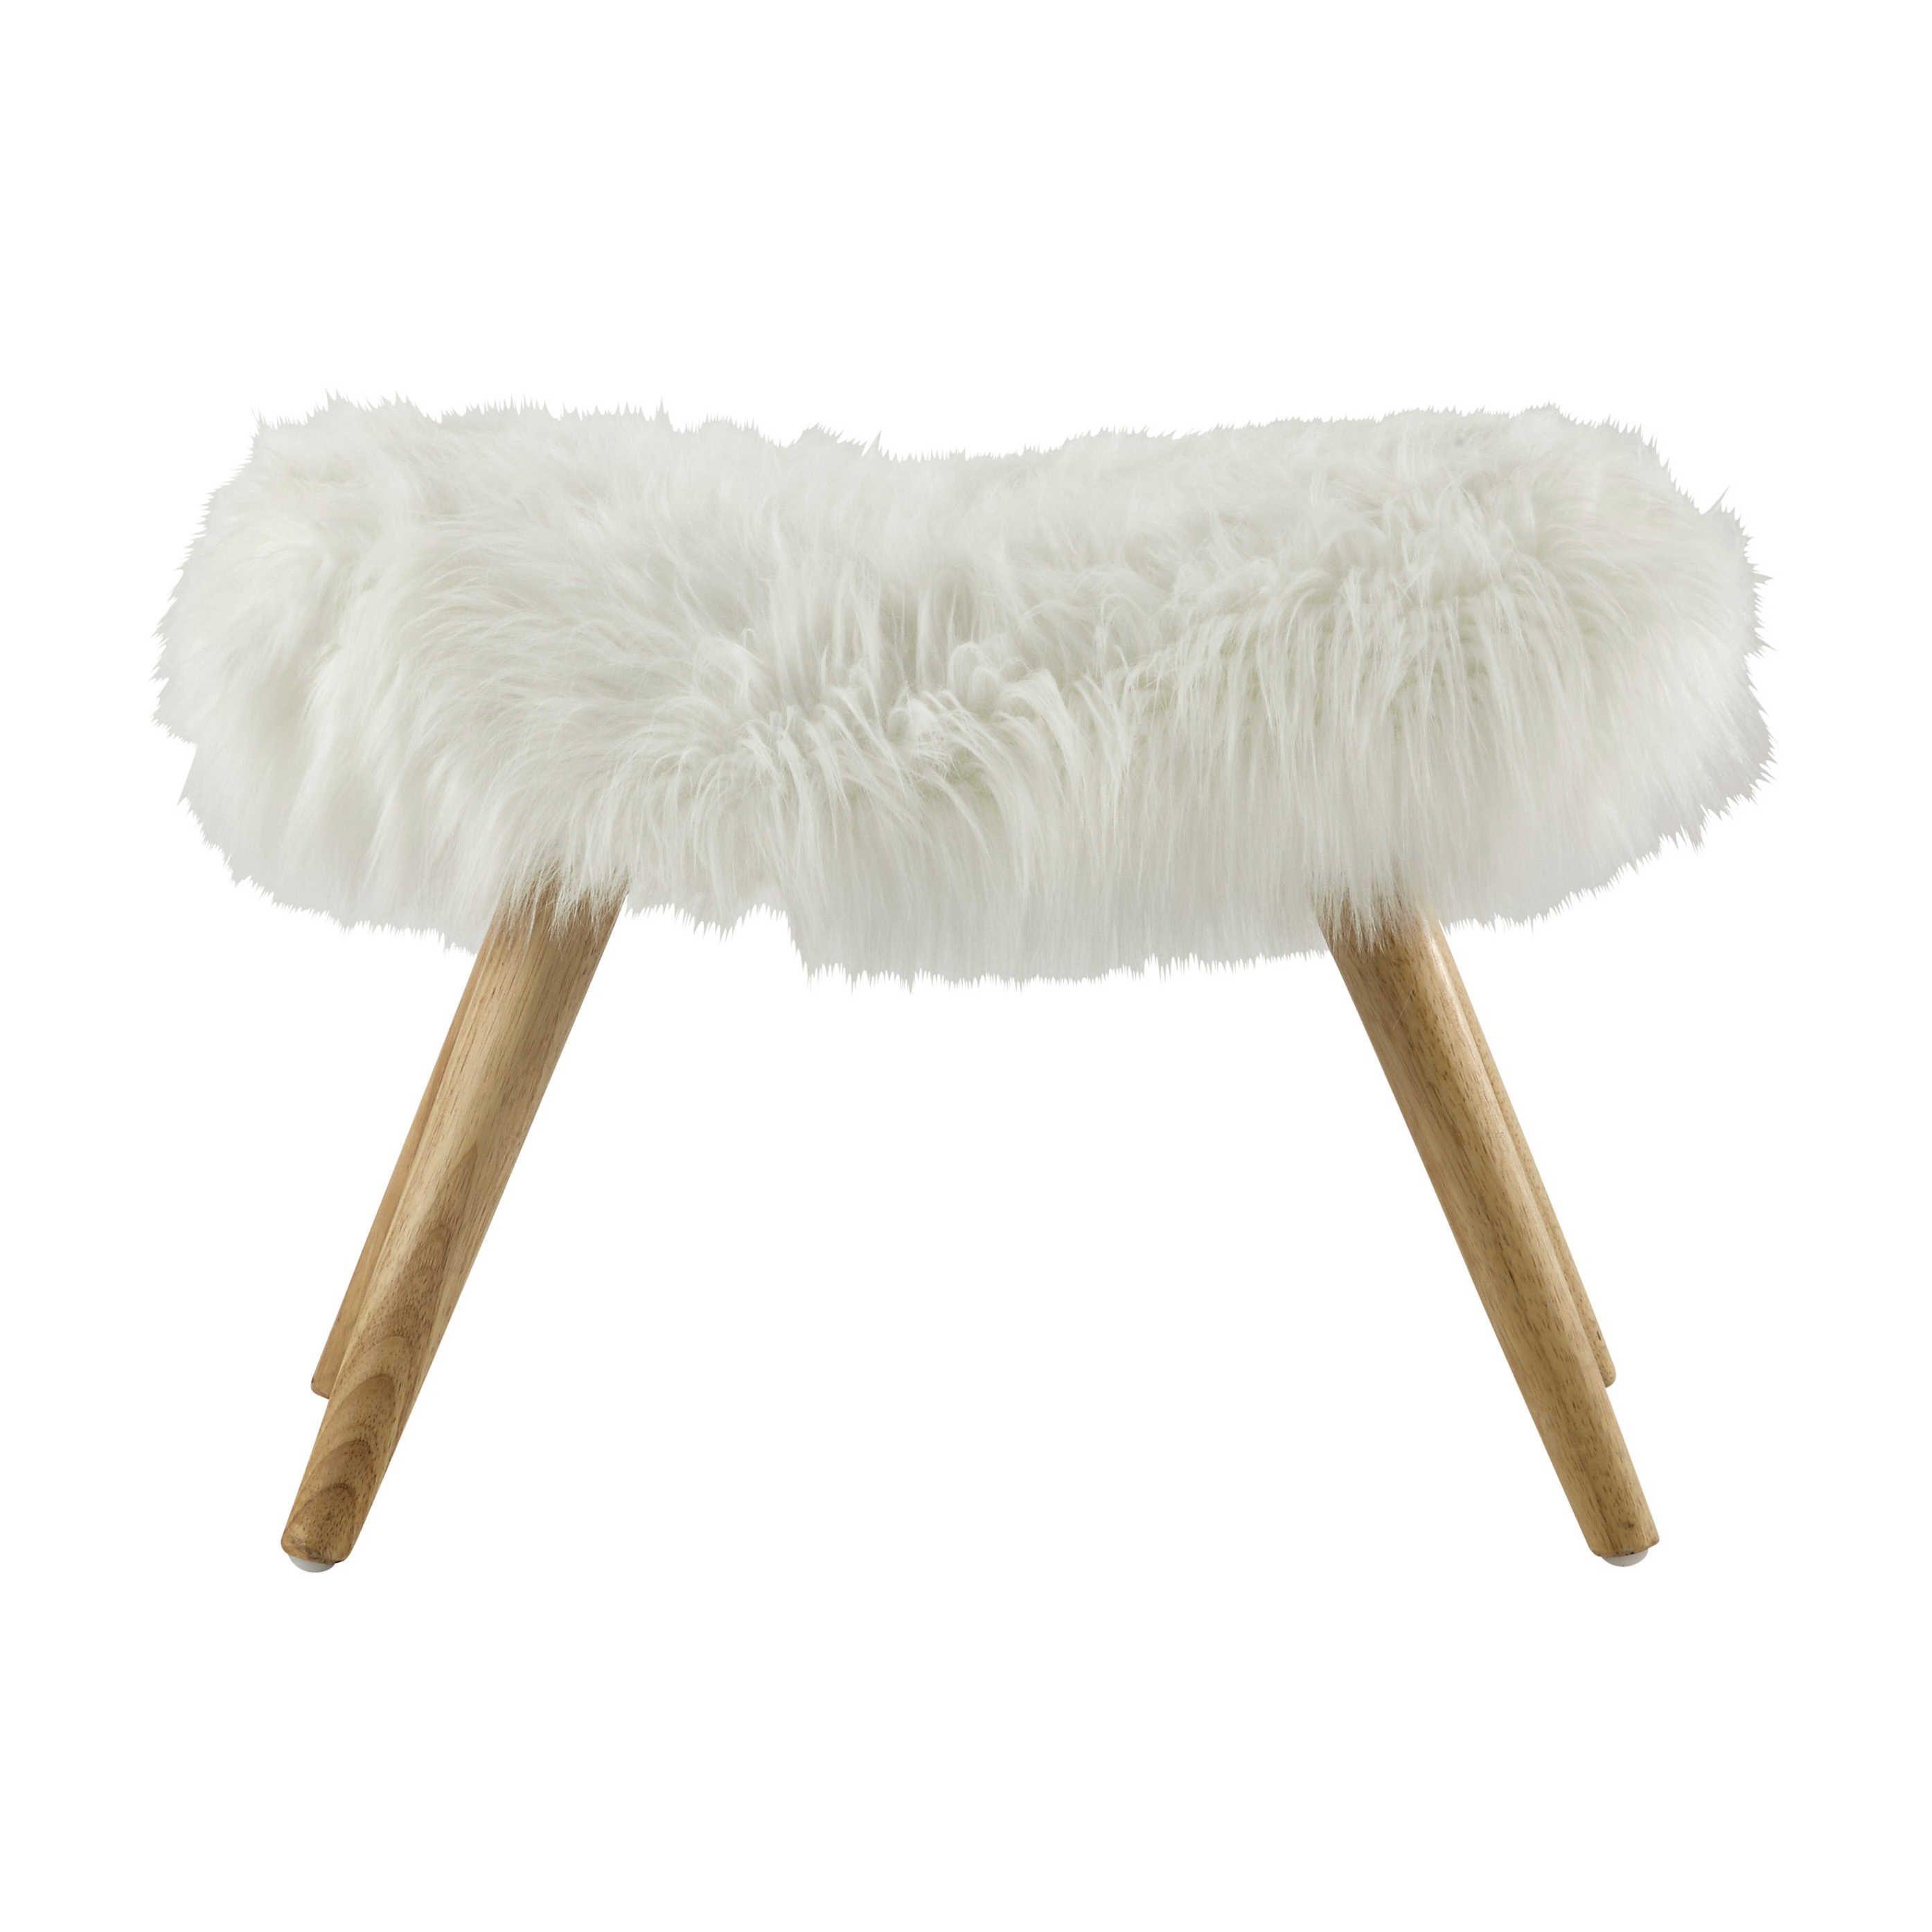 Seating Fur stool, White faux fur